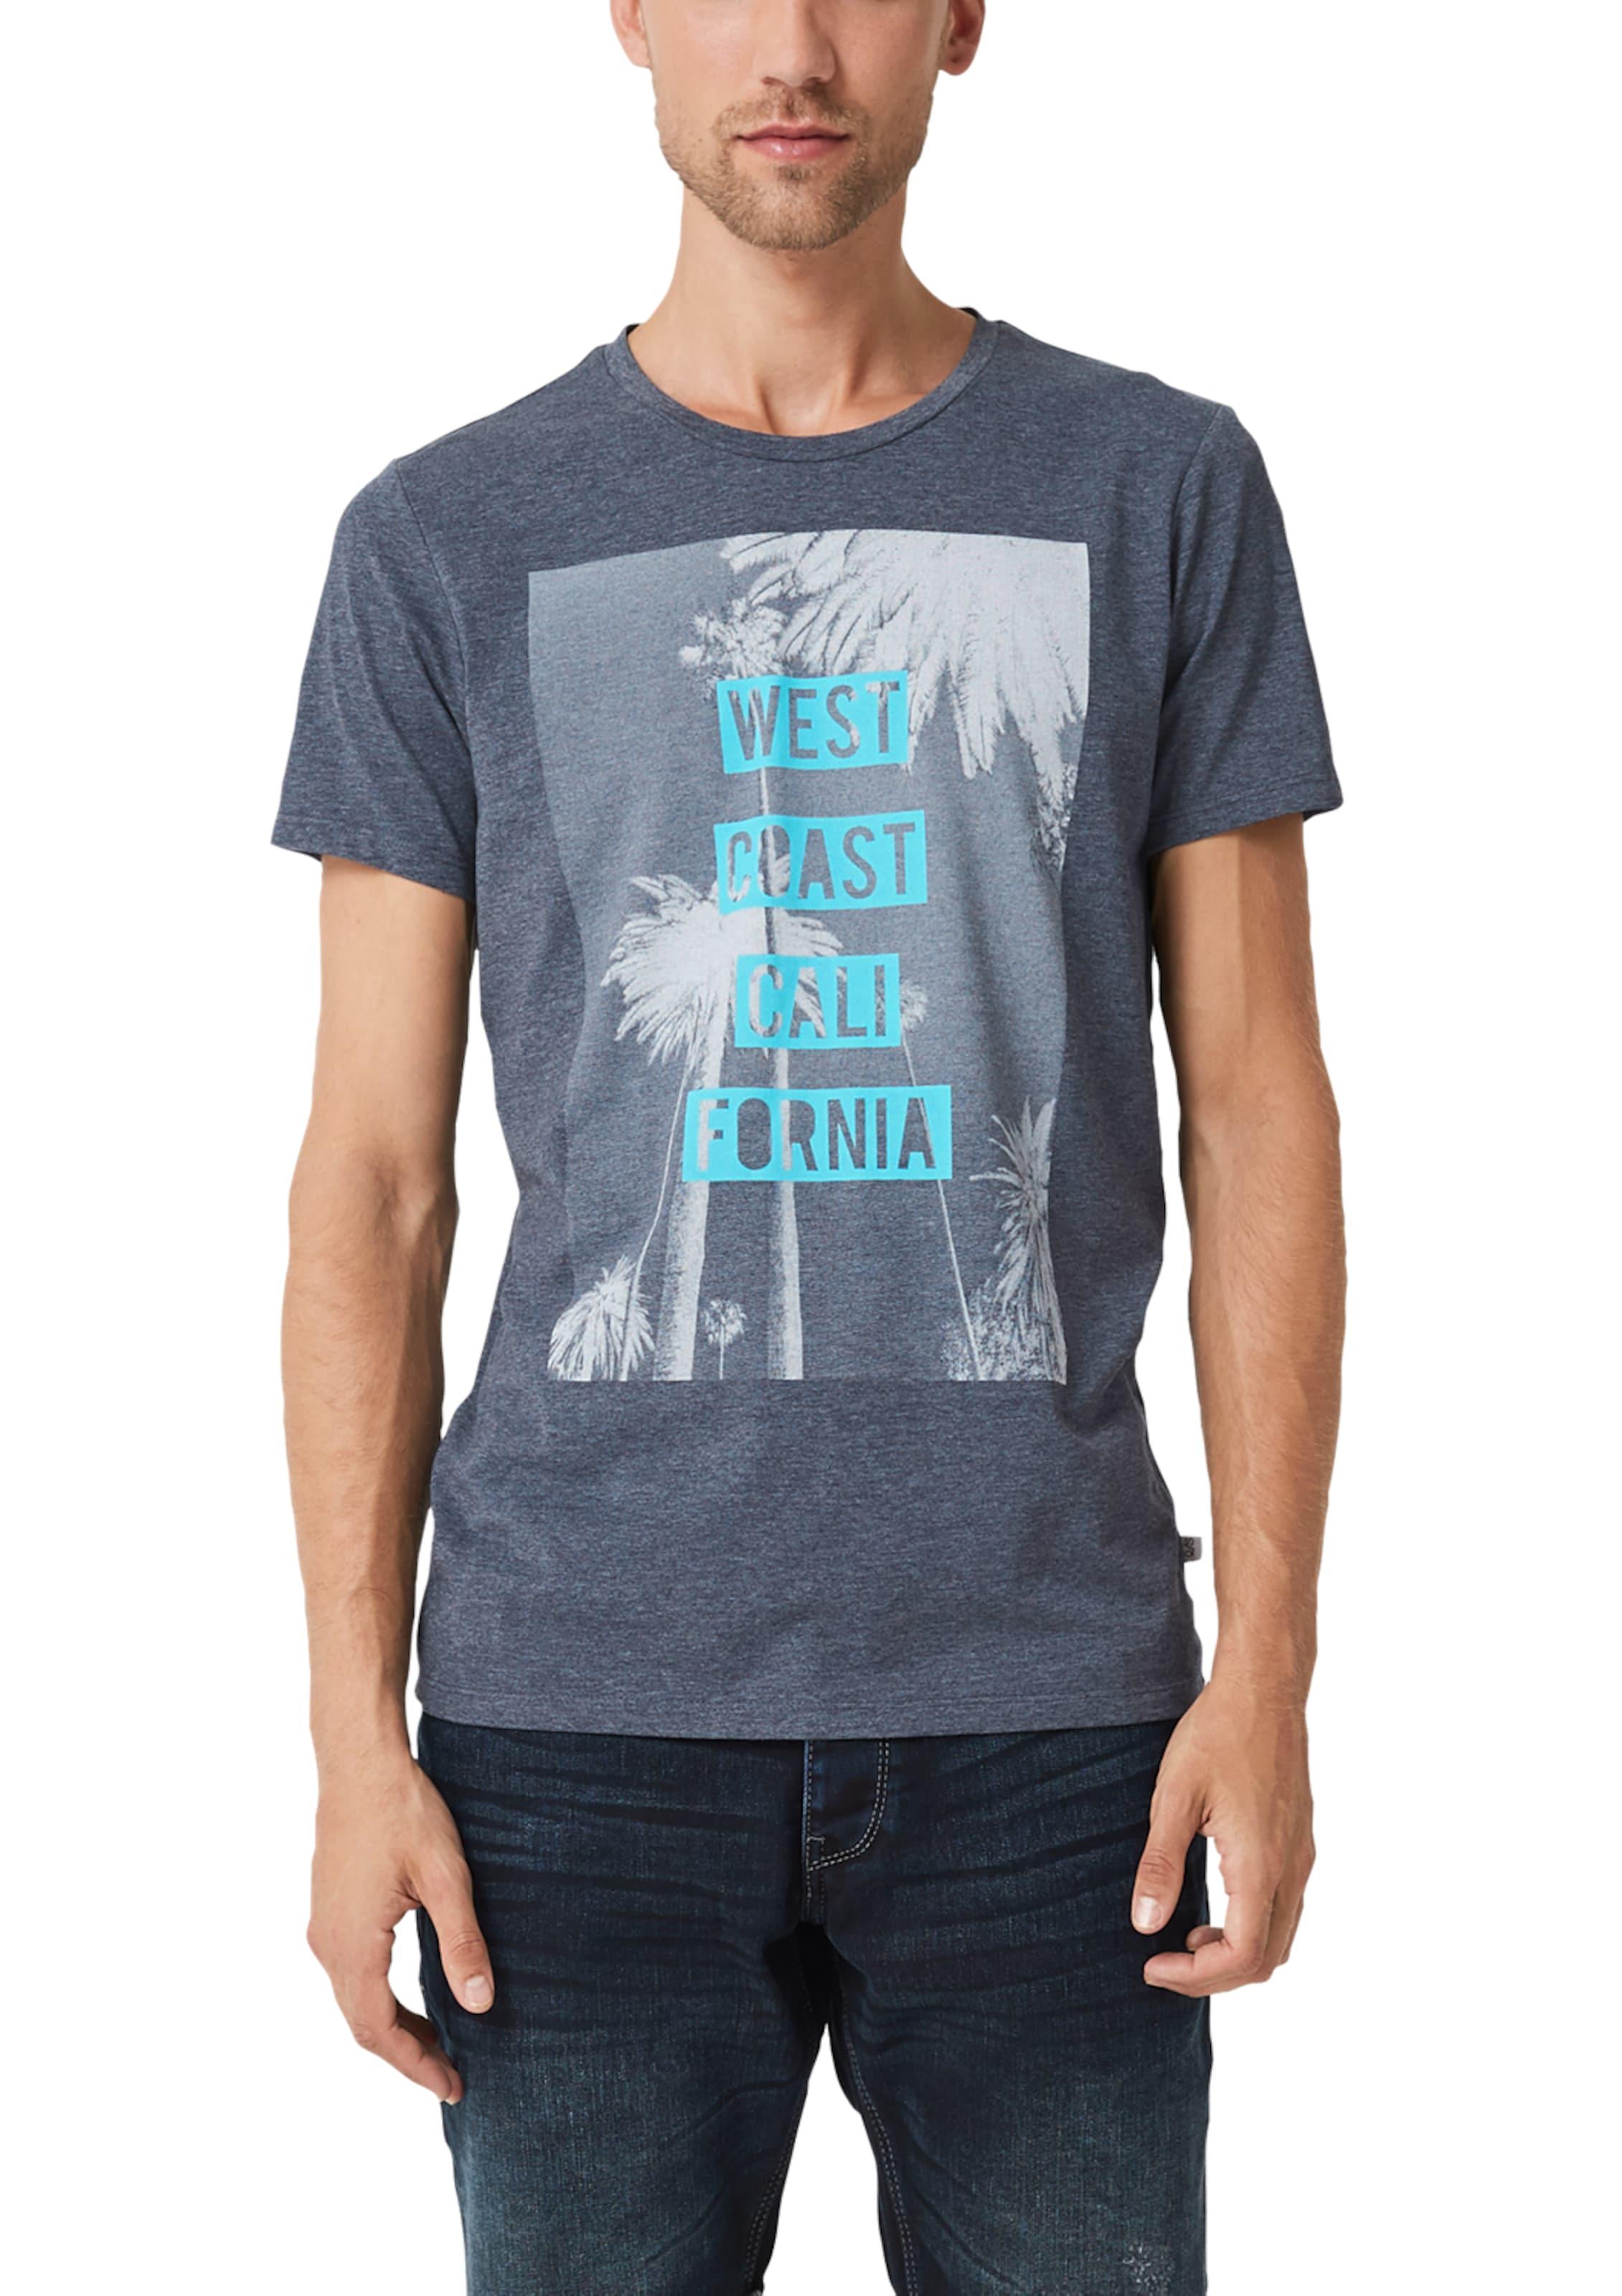 In Shirt s Designed Q By AquaTaubenblau n0mN8w